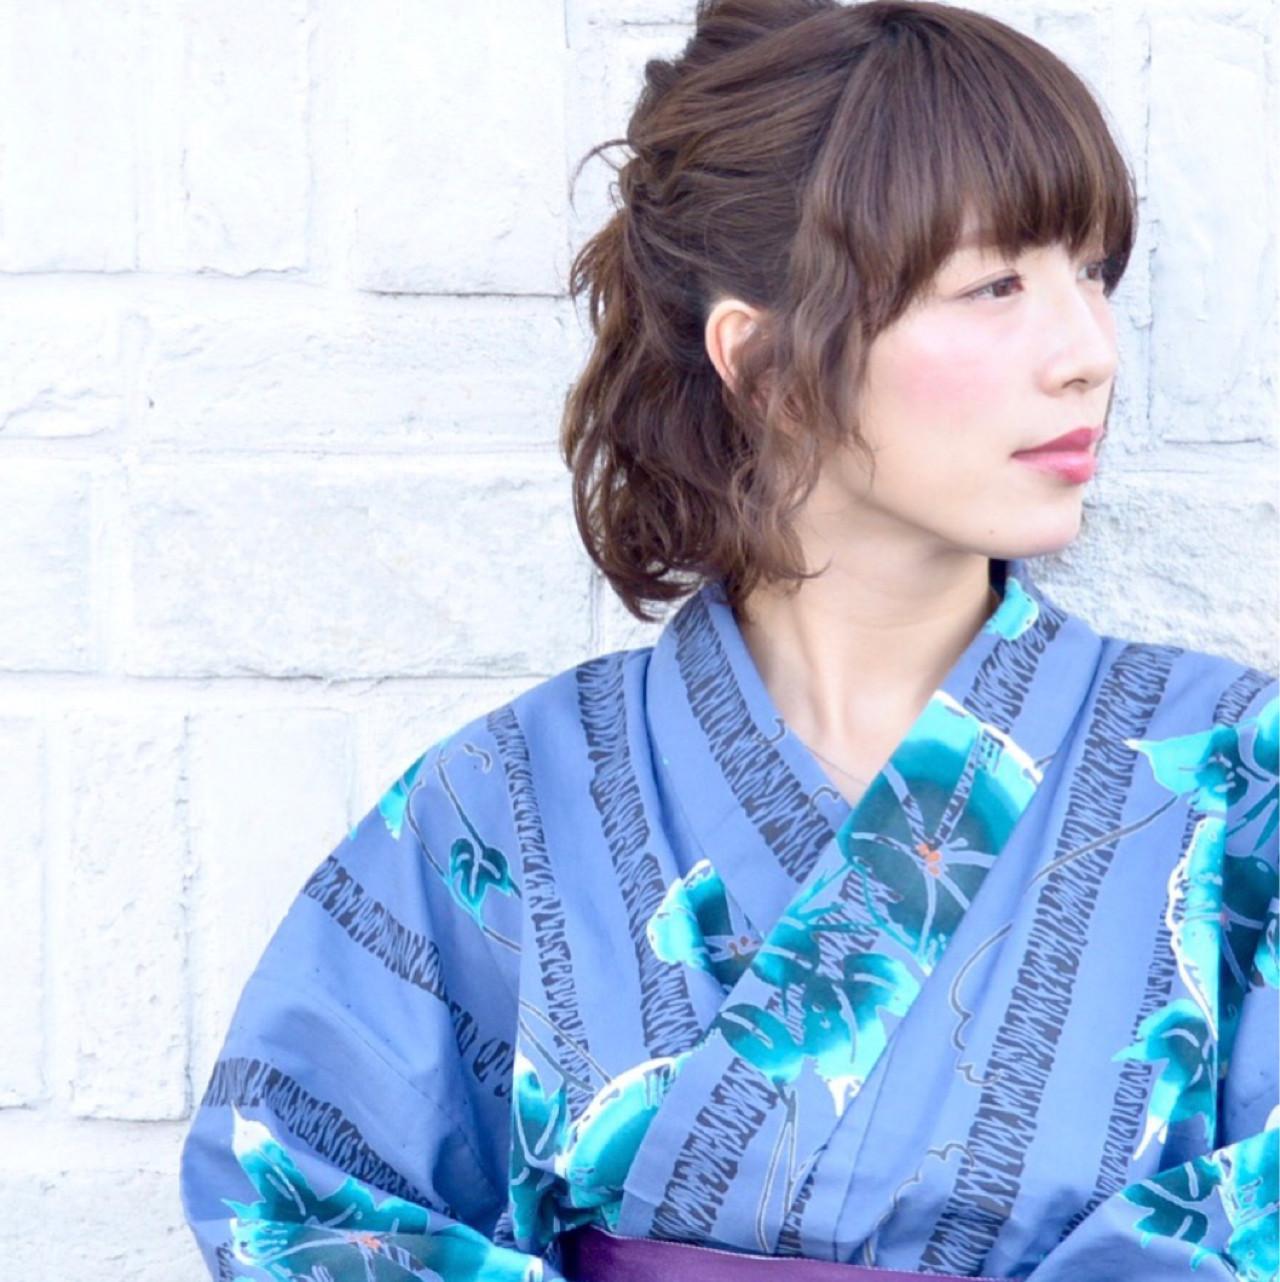 大和撫子に憧れて。浴衣の季節を華やかに彩る簪(かんざし)の魅力を再発見。